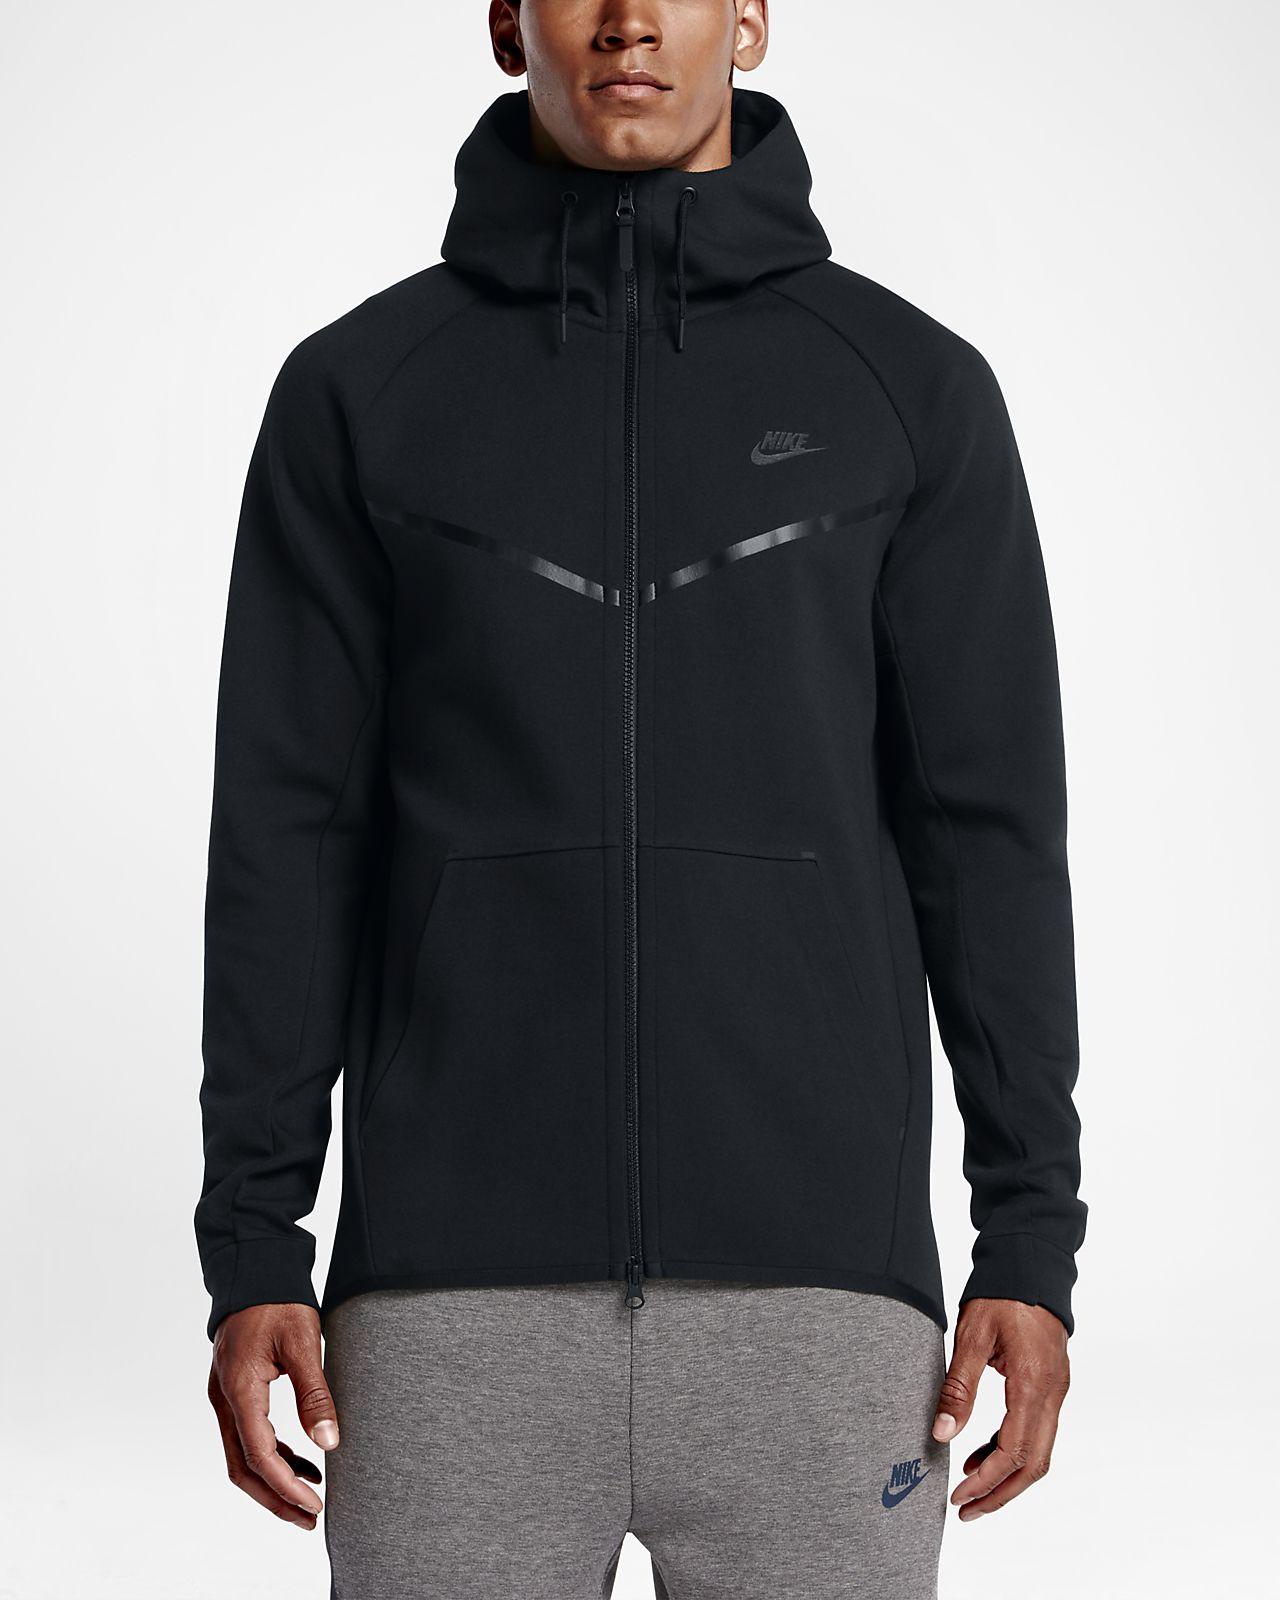 Nike Tech Windrunner Large Gamme De Réduction Livraison Rapide Prix Pas Cher Hi3jyV